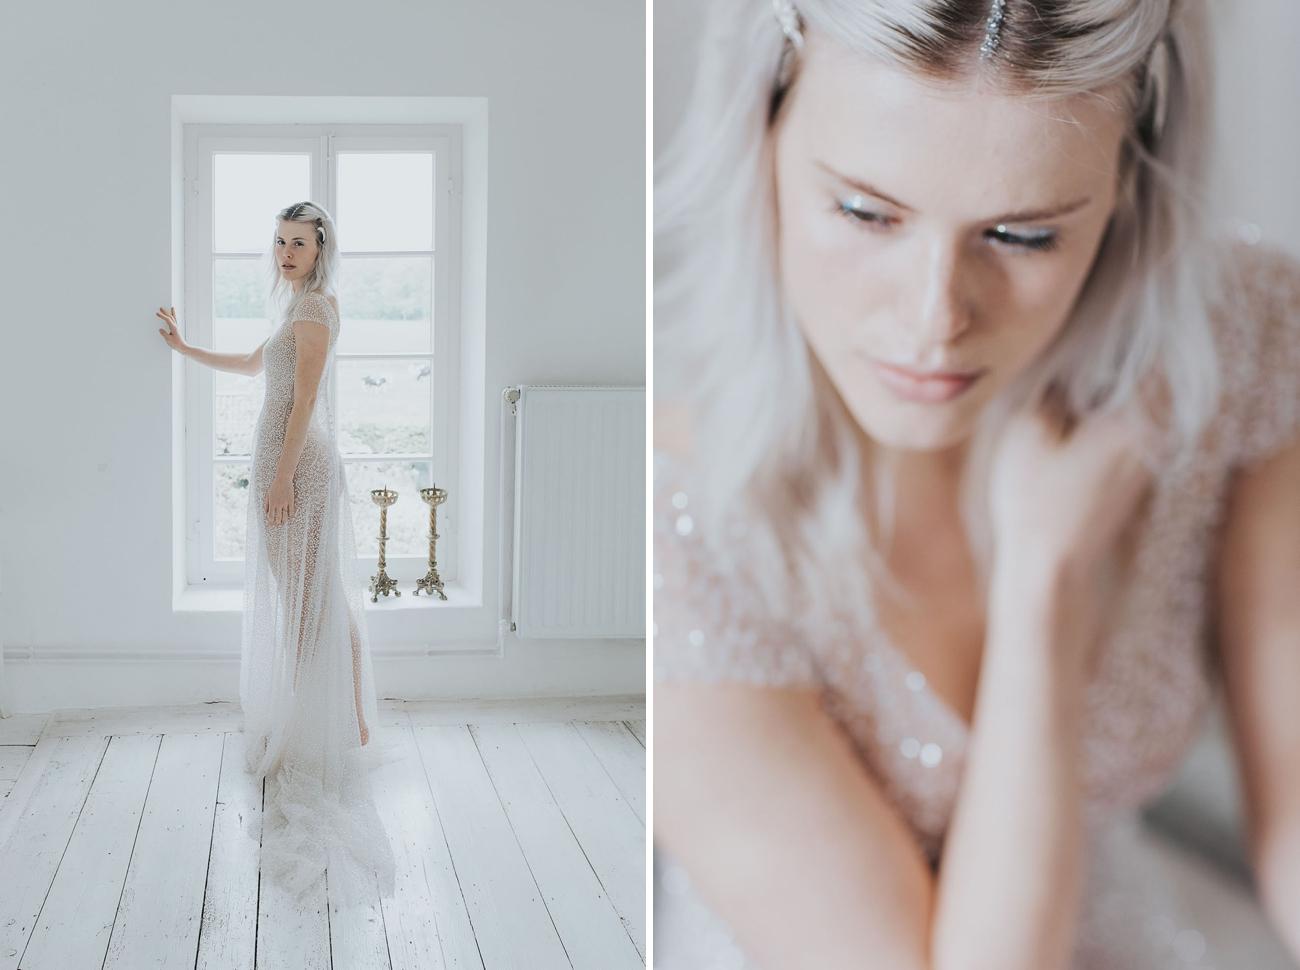 Ethereal Wedding Dress | Credit: Cornelia Lietz